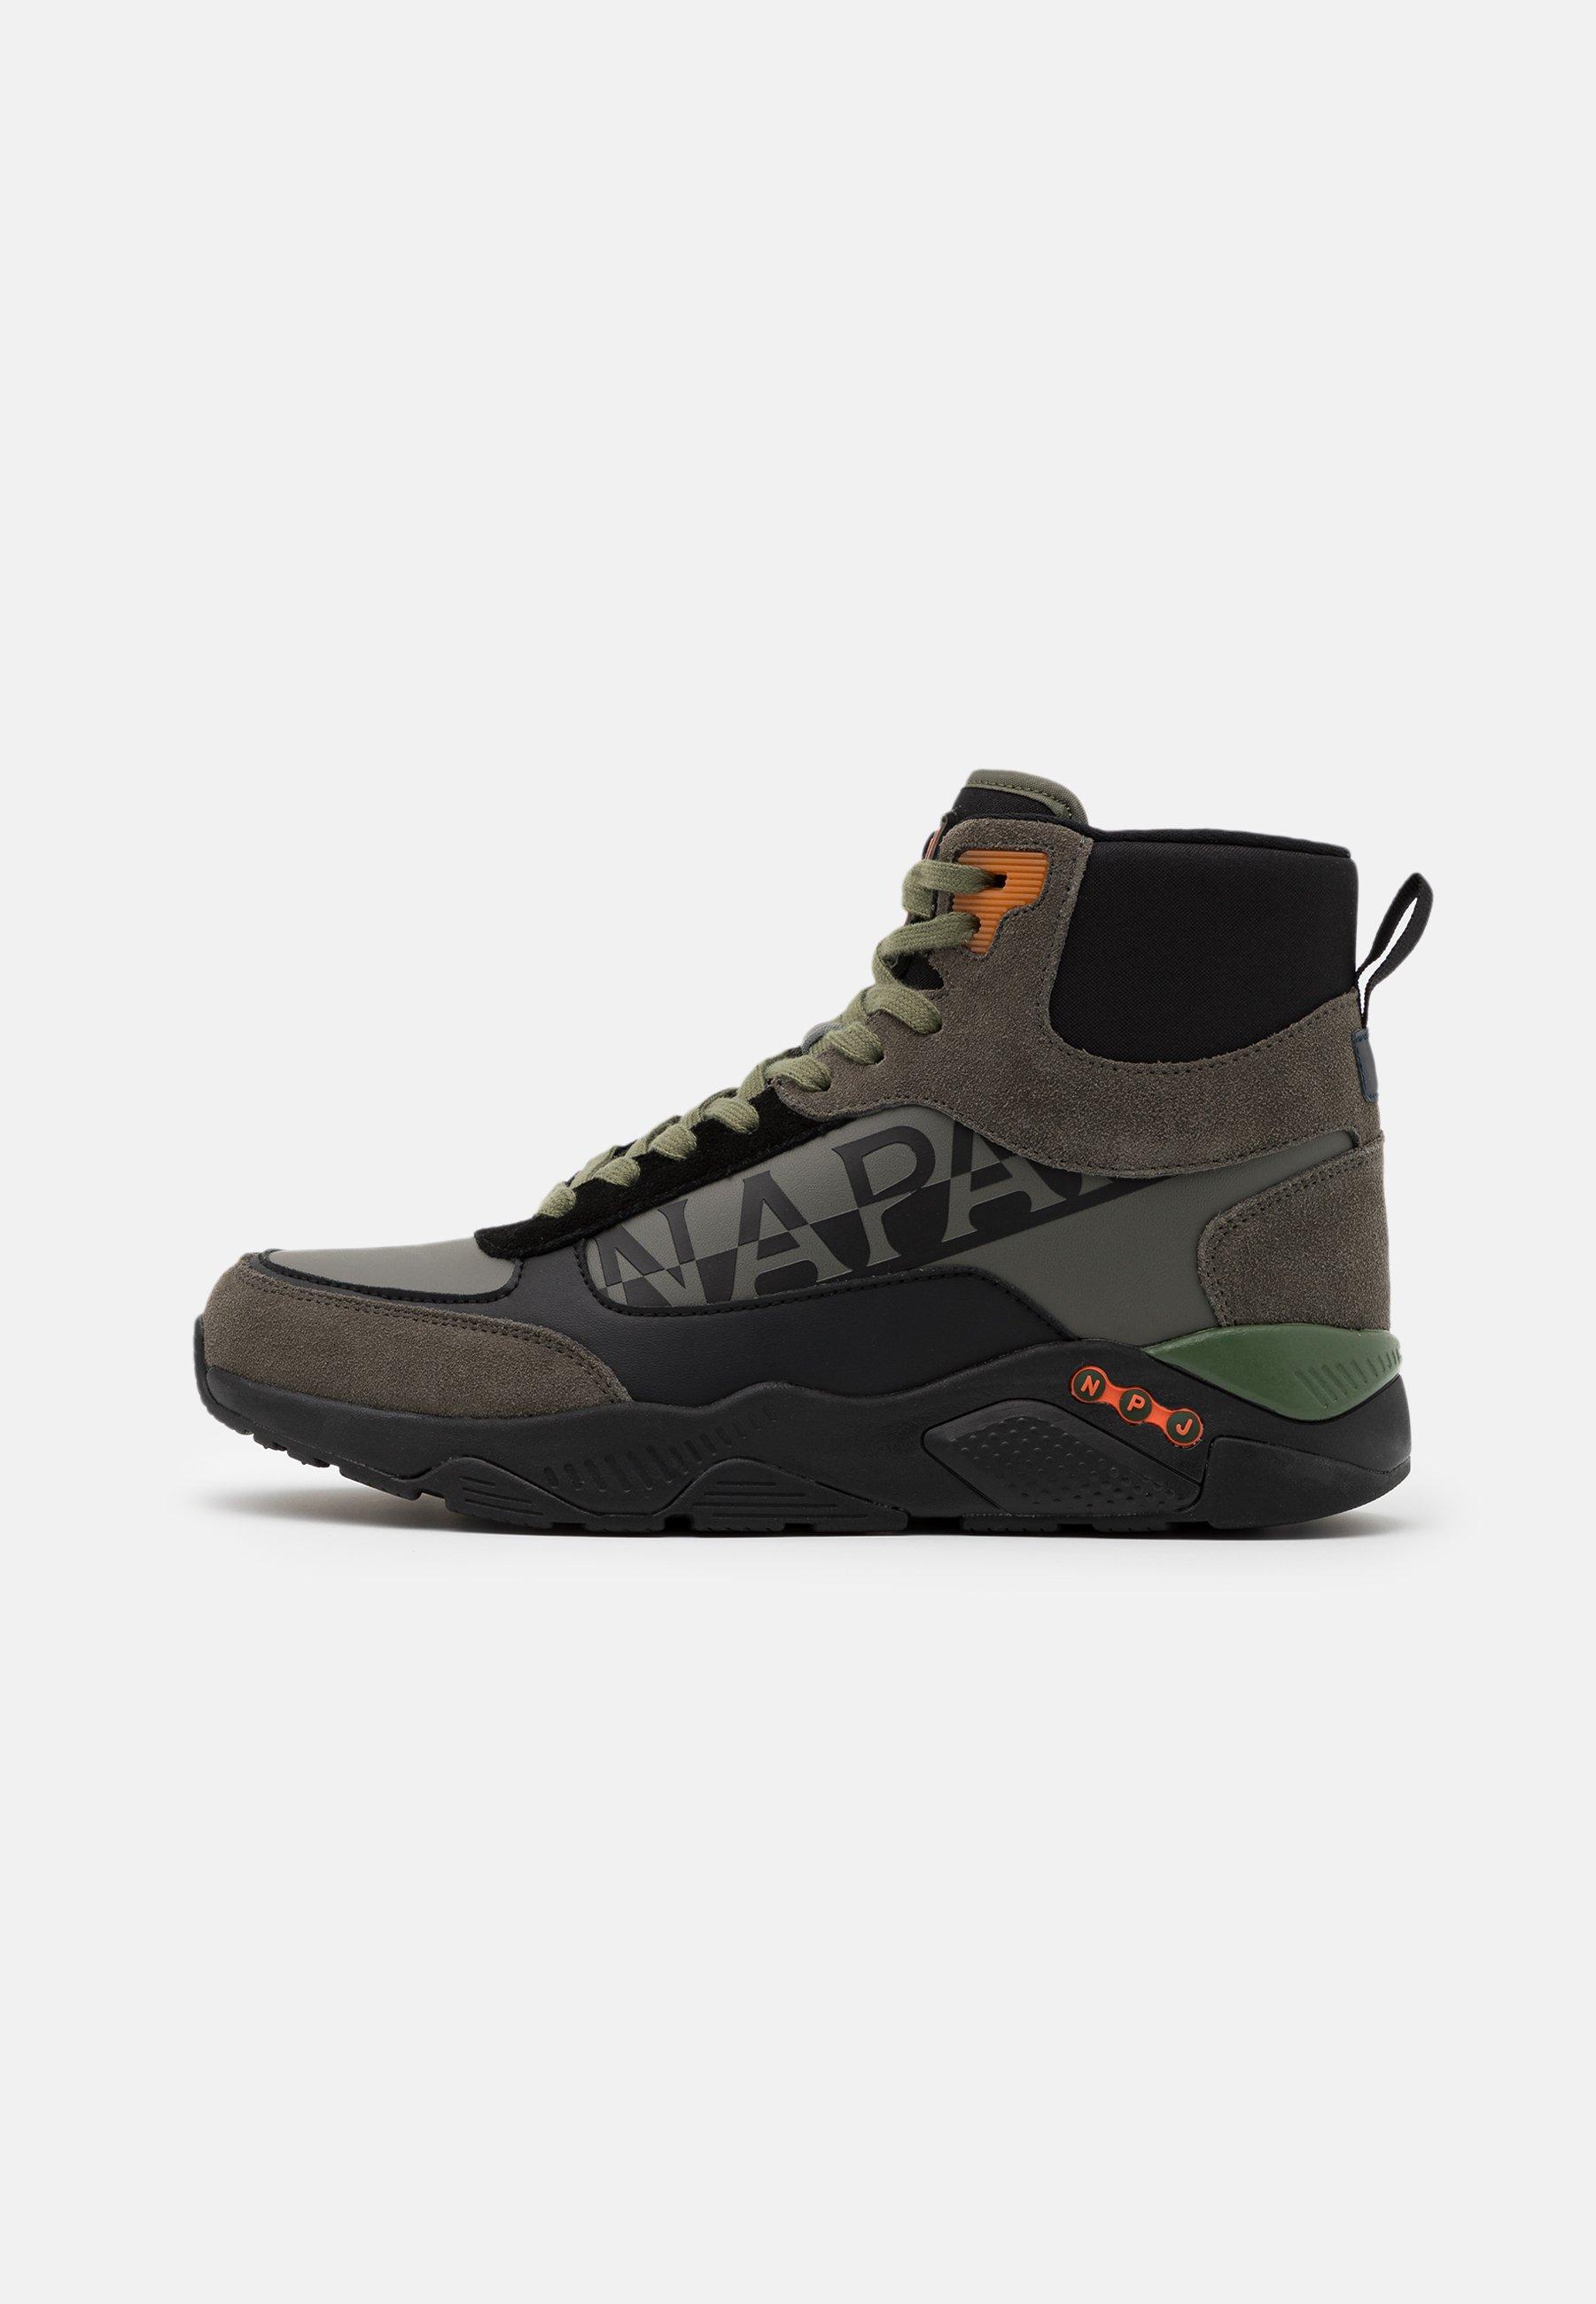 Napapijri Schuhe online kaufen | Upgrade für deinen